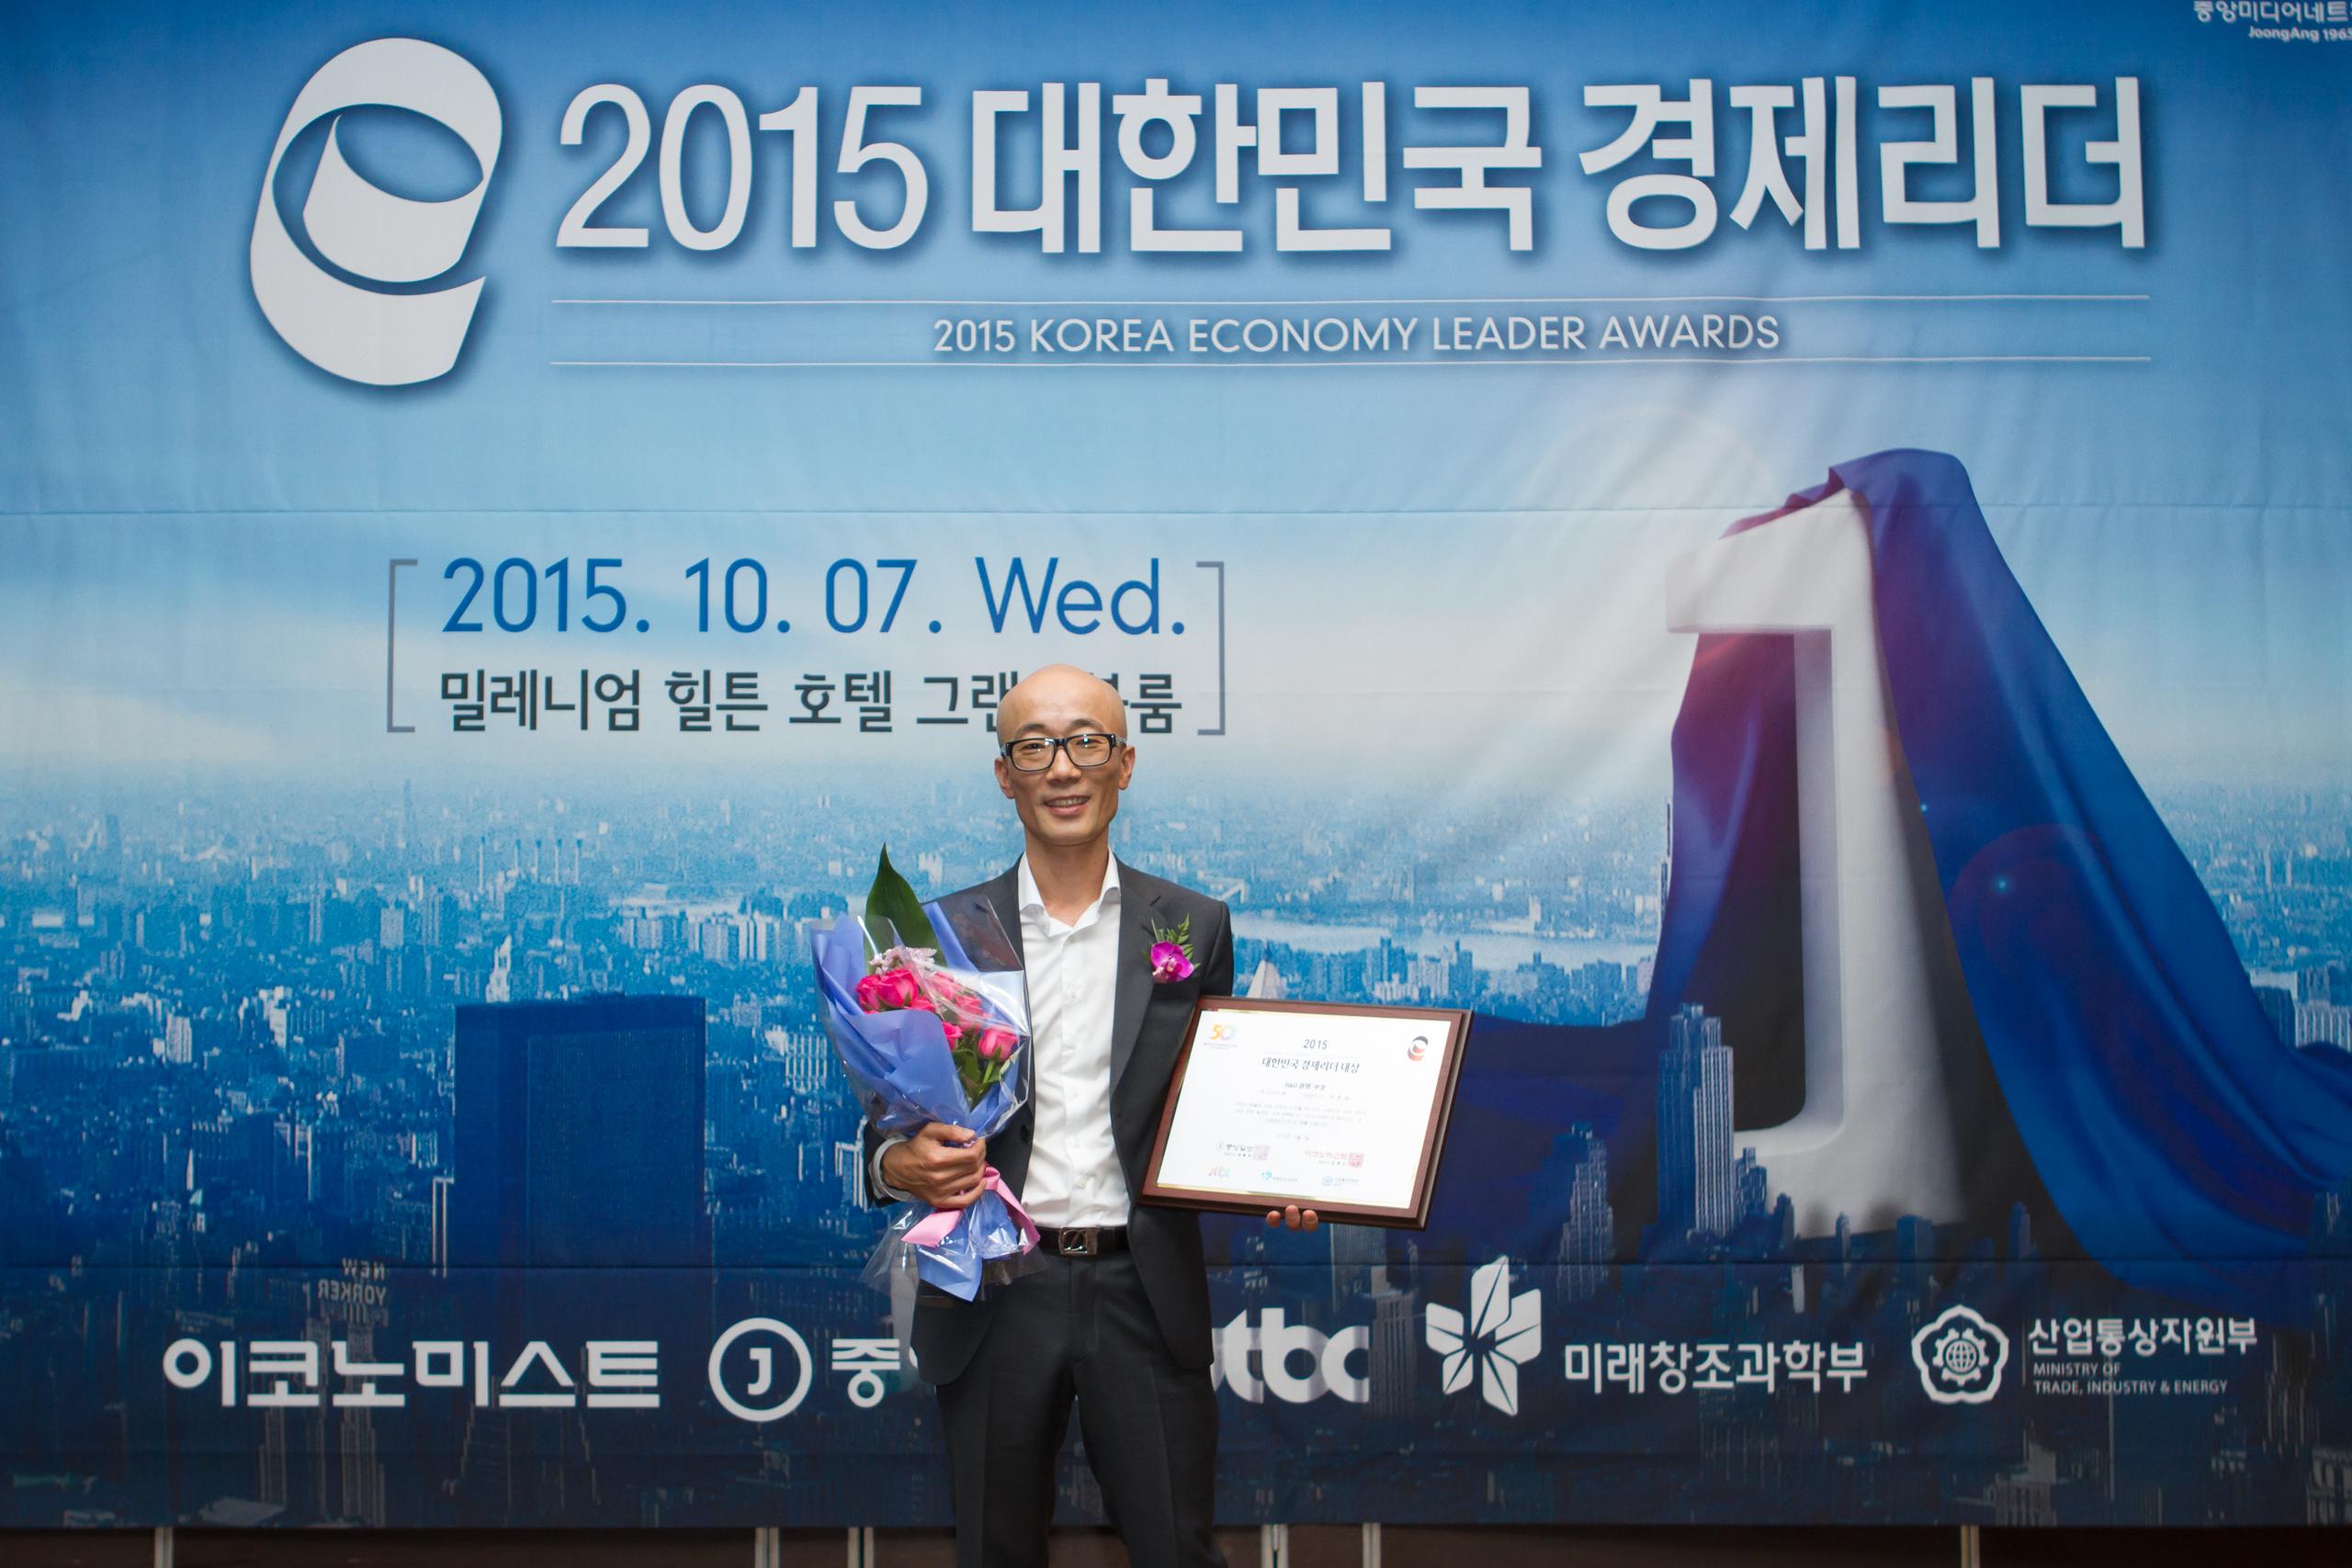 정동일 아이드론 대표, 2015 대한민국 경제리더 대상 수상!